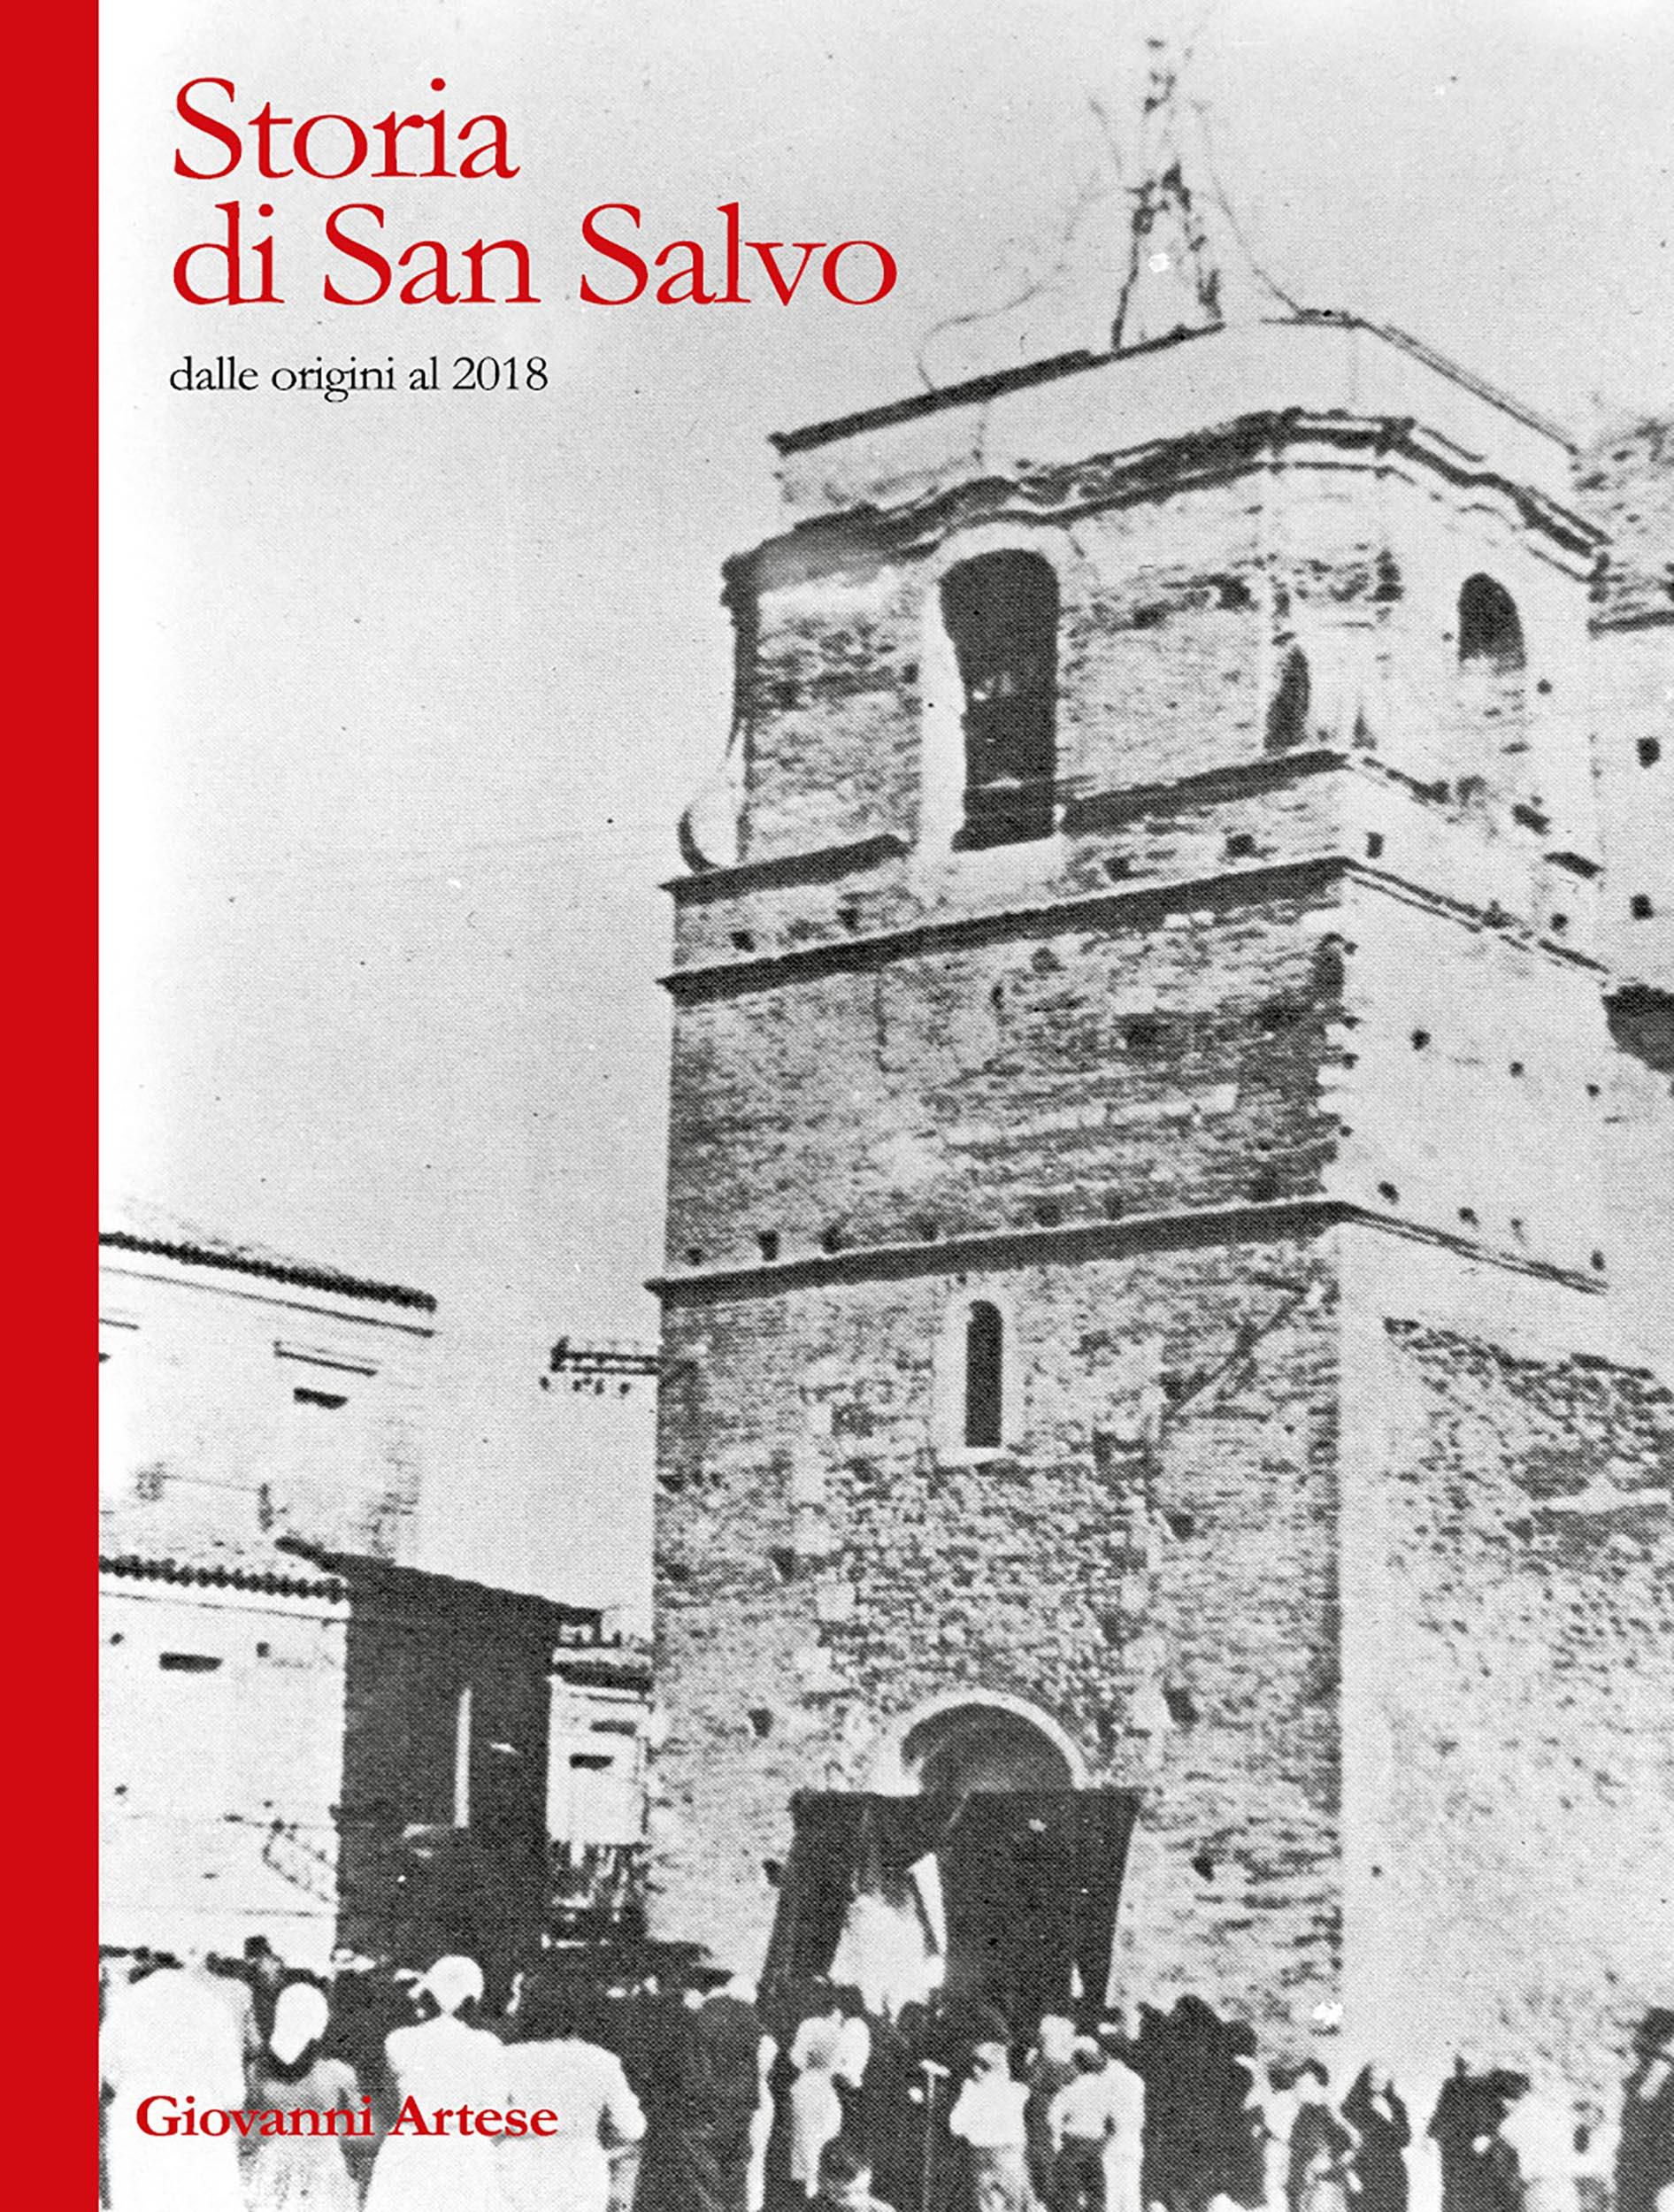 Storia di San Salvo